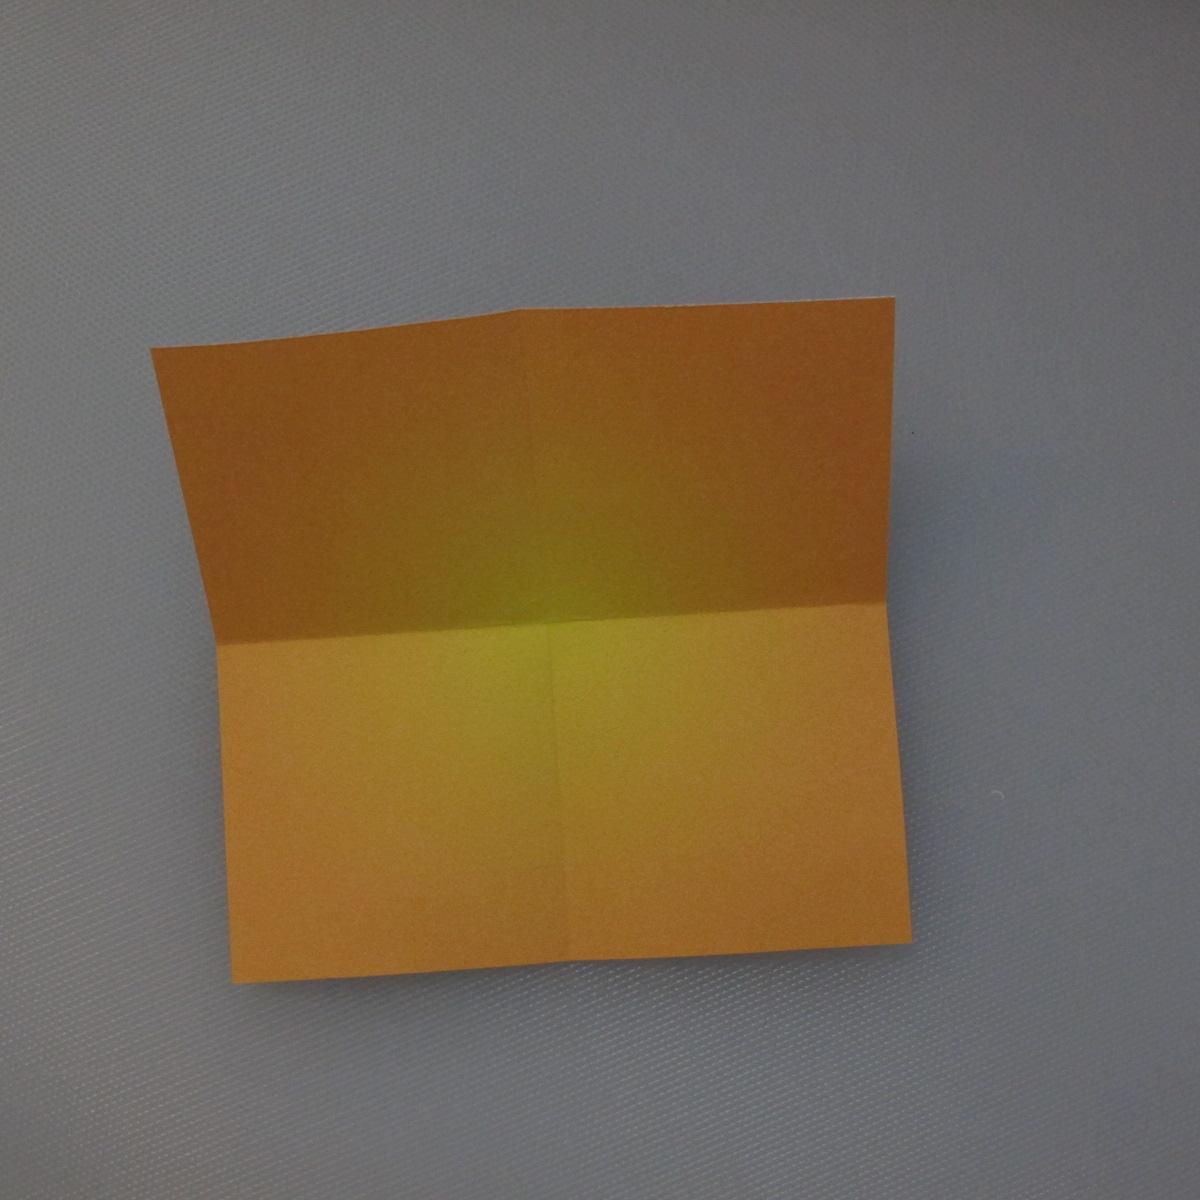 วิธีพับกระดาษเป็นดอกทิวลิป 002